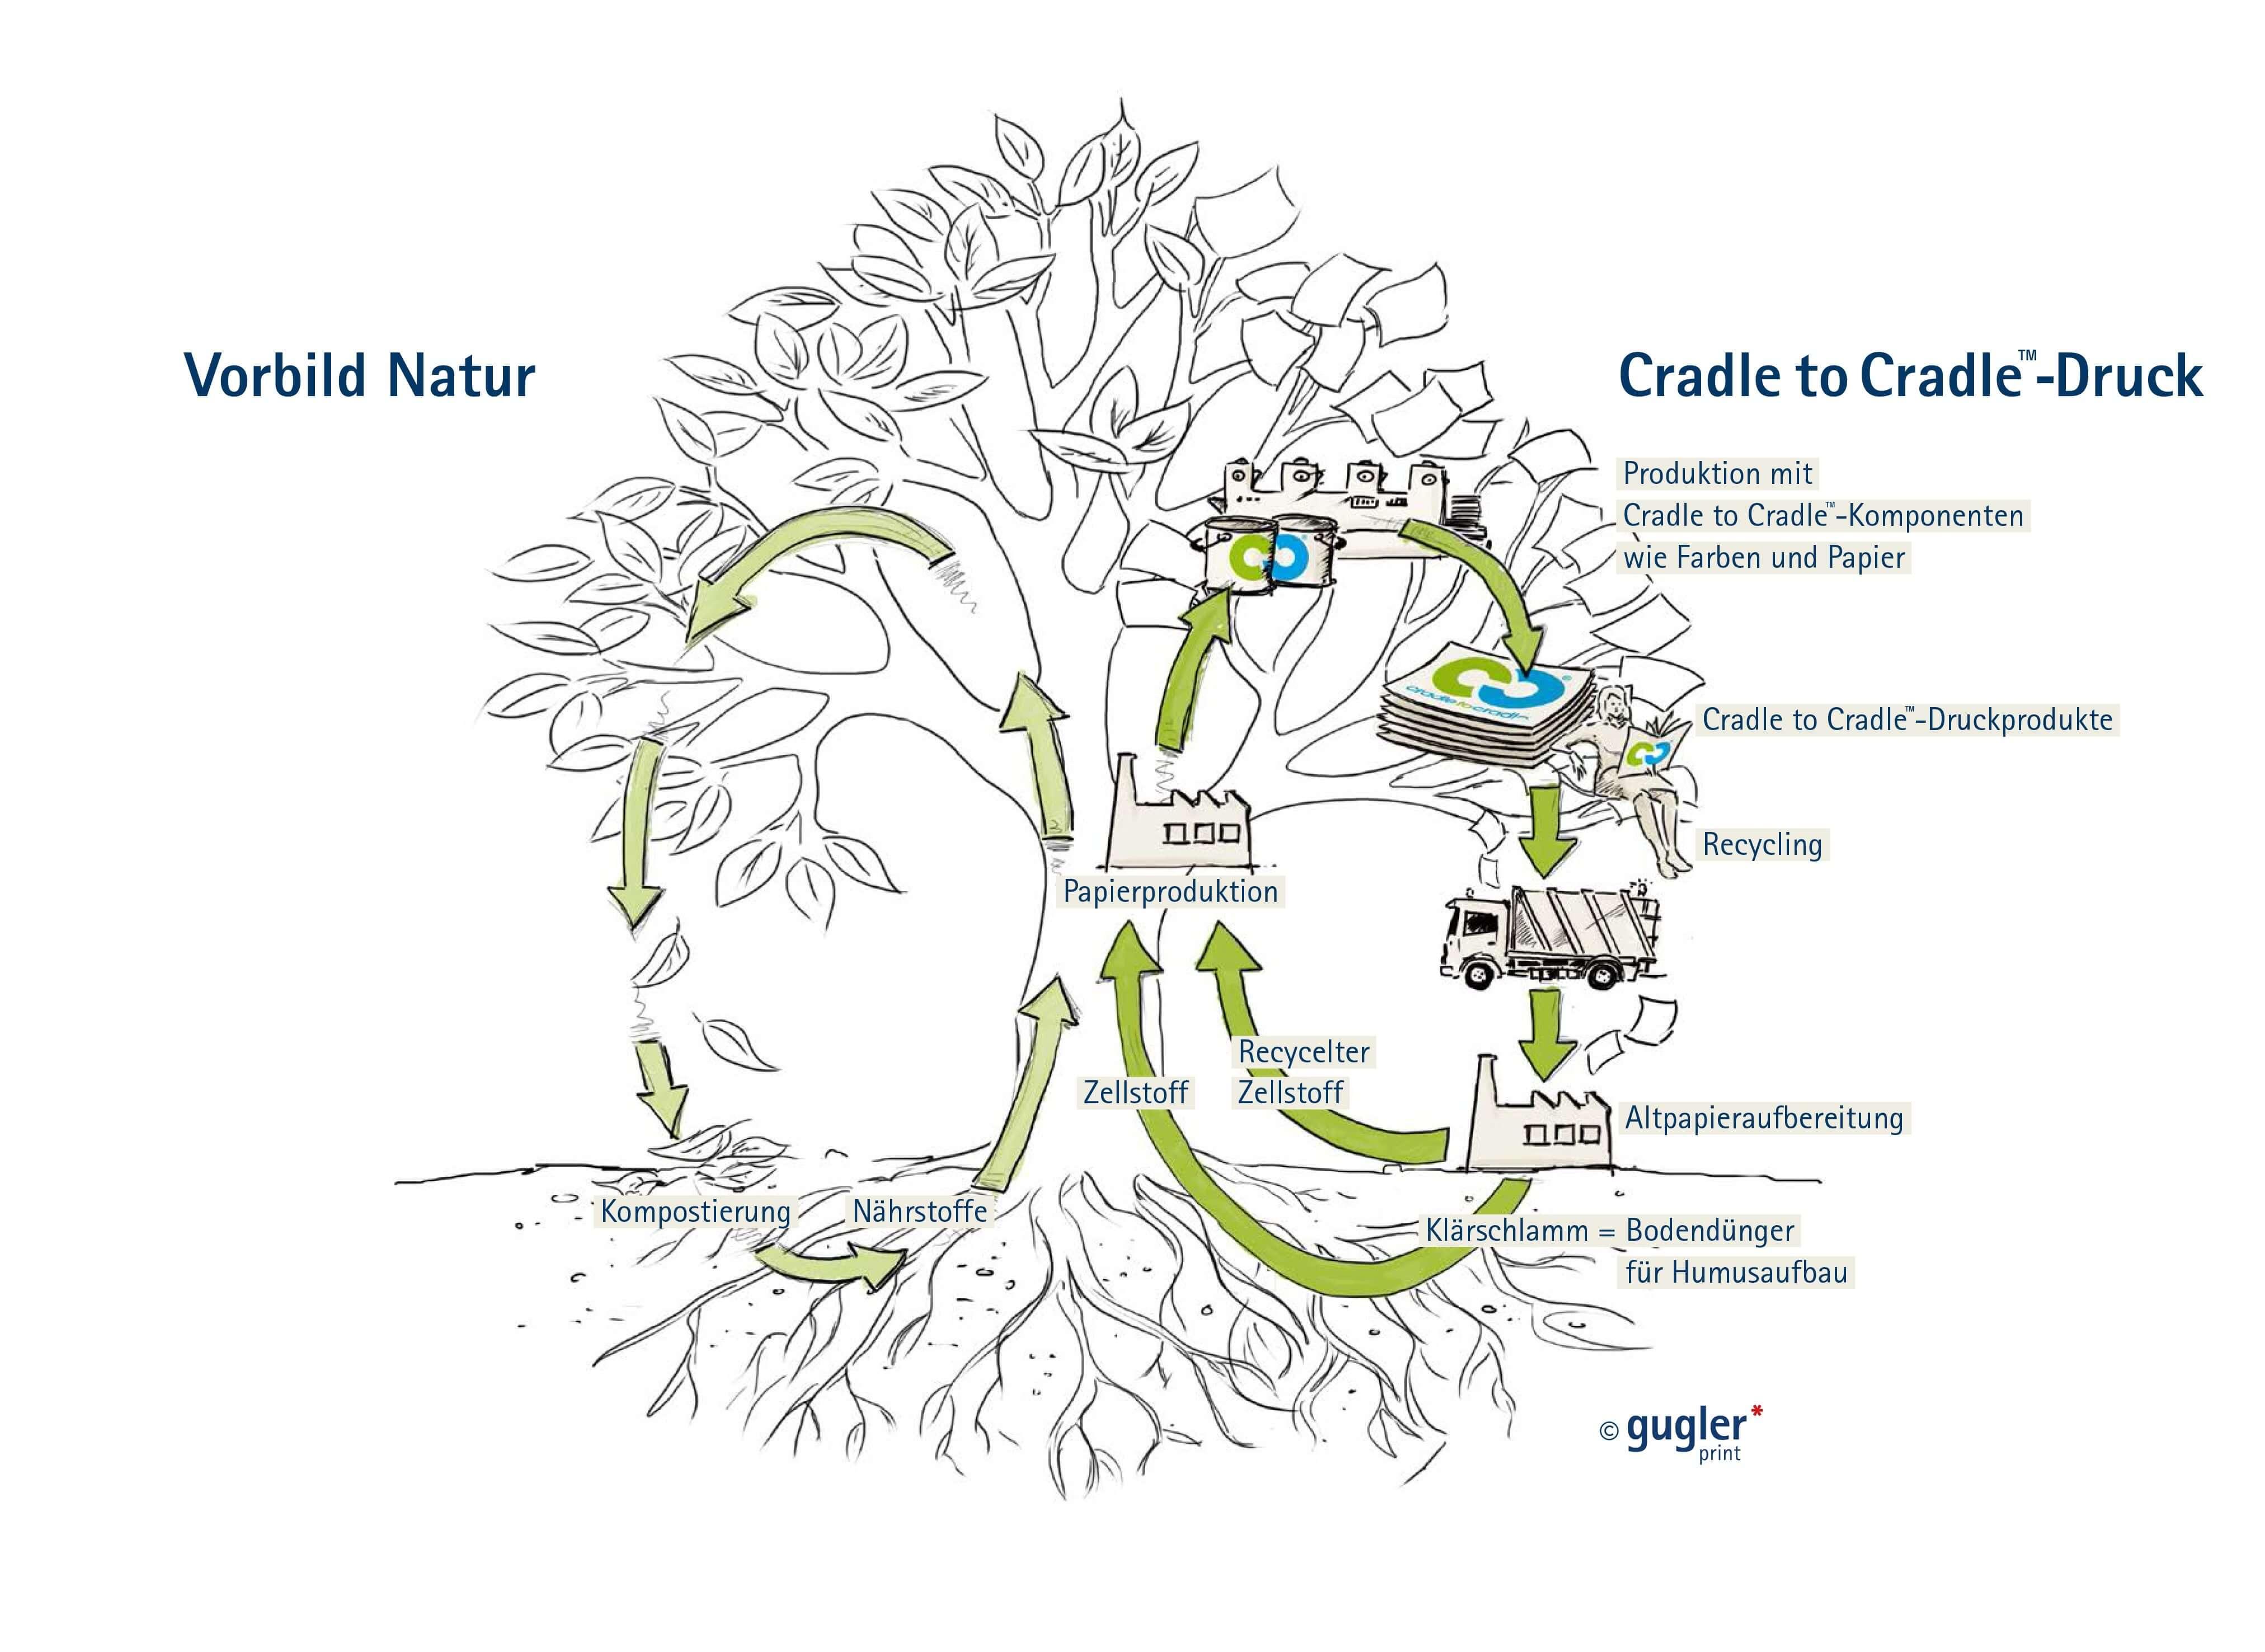 C2C Baum gugler large